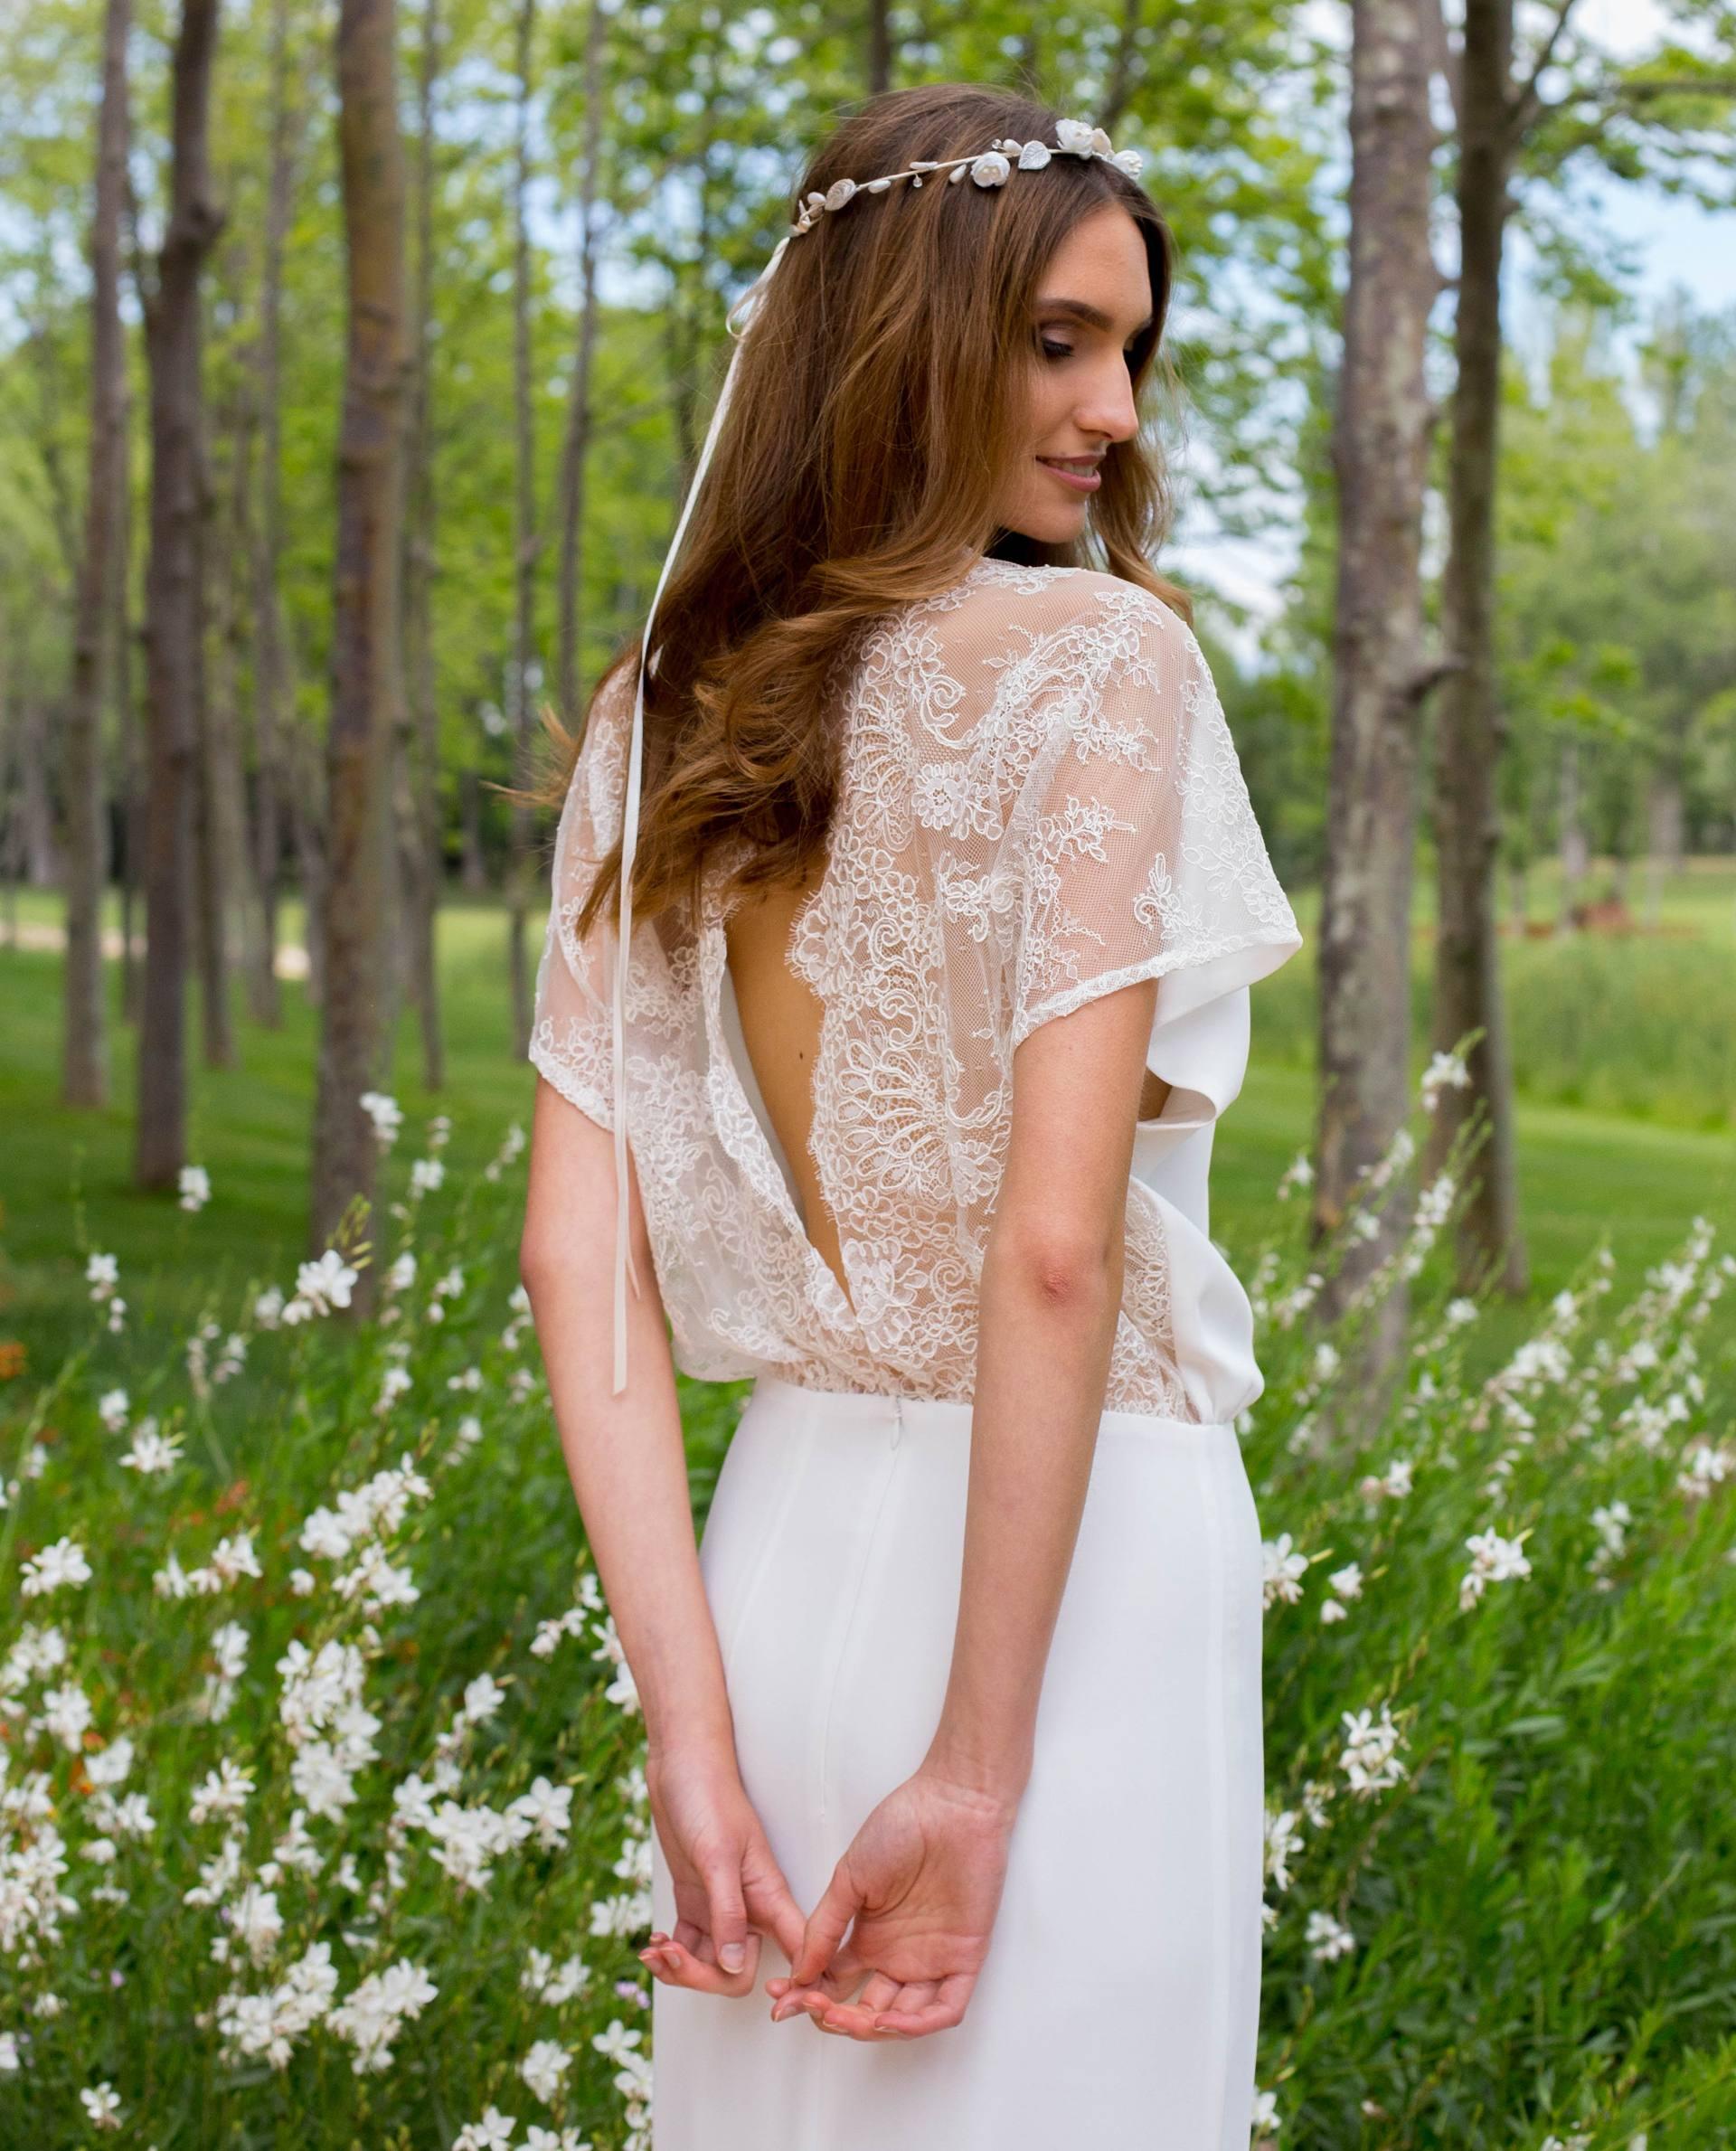 Detalle espalda abierta con encaje vestido novia Verónica